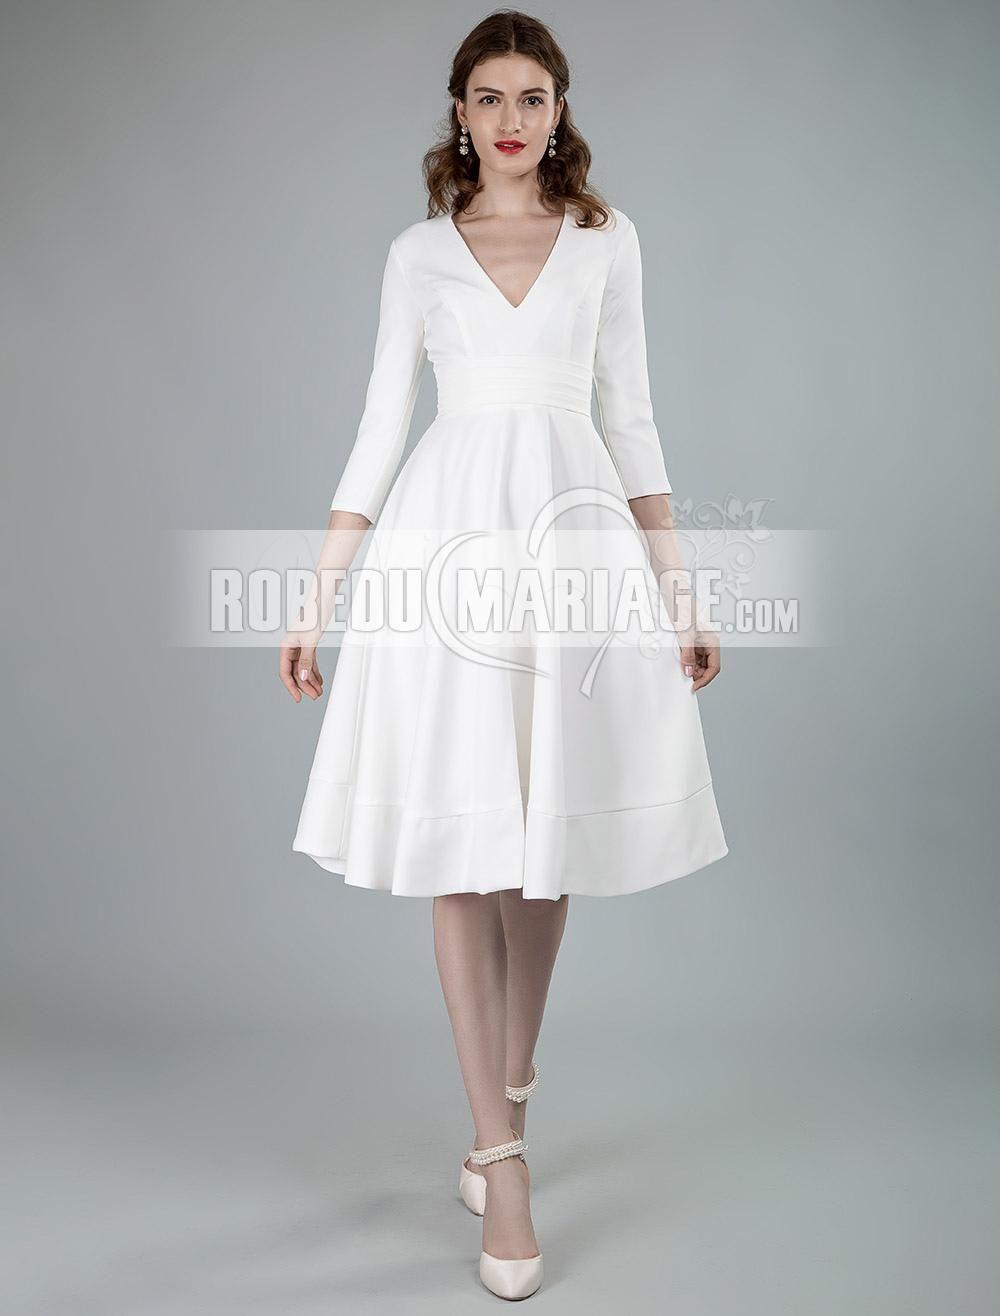 Robe De Mairee Courte Col En V Avec 3 4 Manches Robe Sur Mesure Pas Cher Robe2014994 Robedumariage Co Robe De Mariee Courte Robe Sur Mesure Robe De Mariee